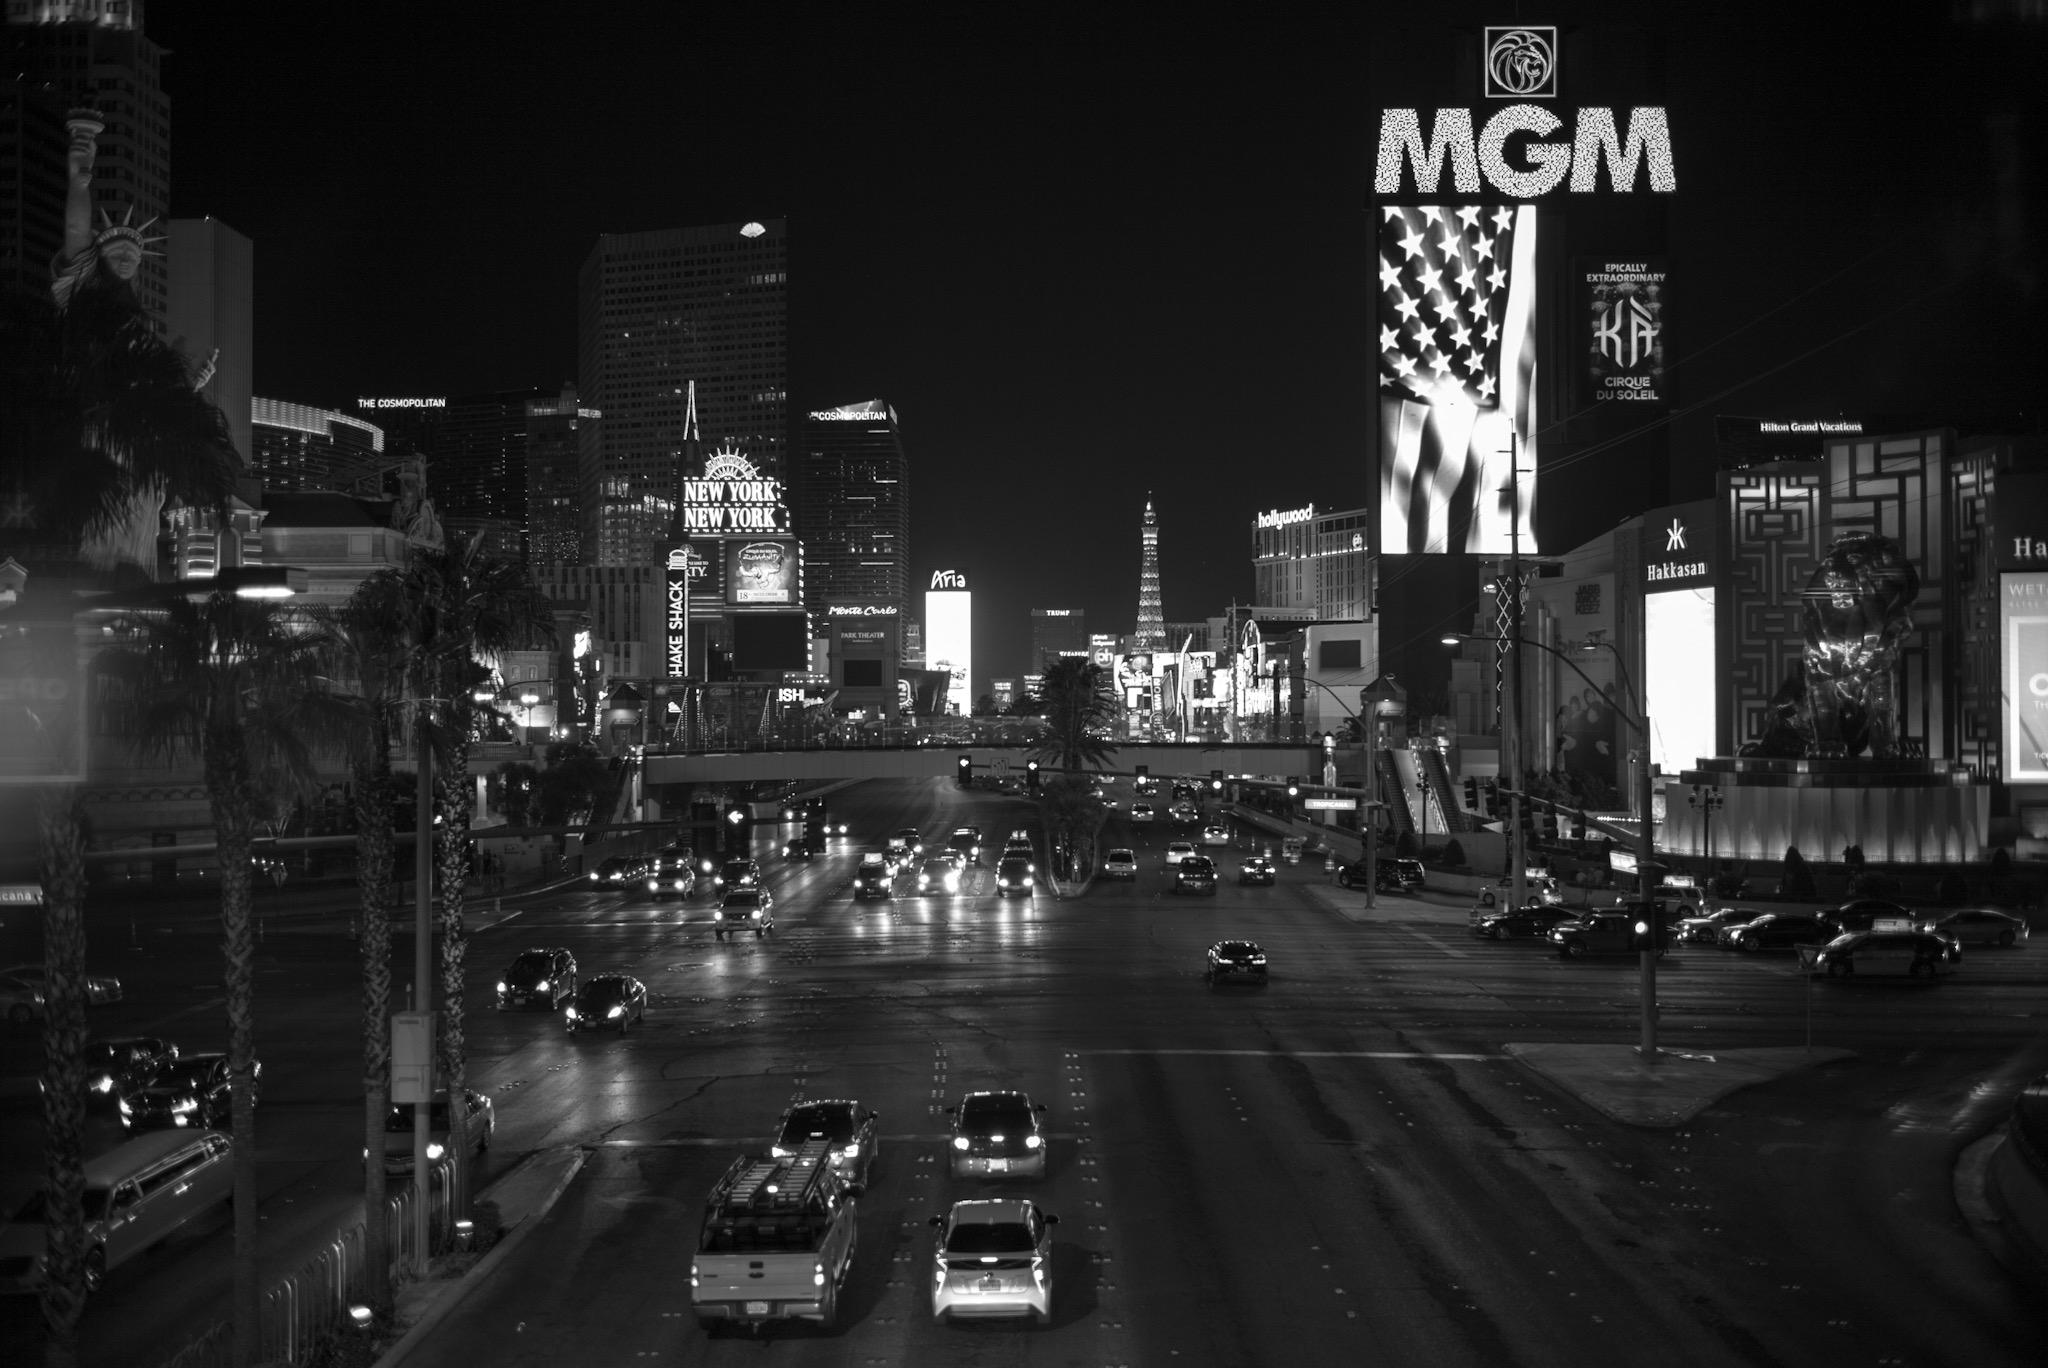 Las Vegas Nevada - by Jason Brown